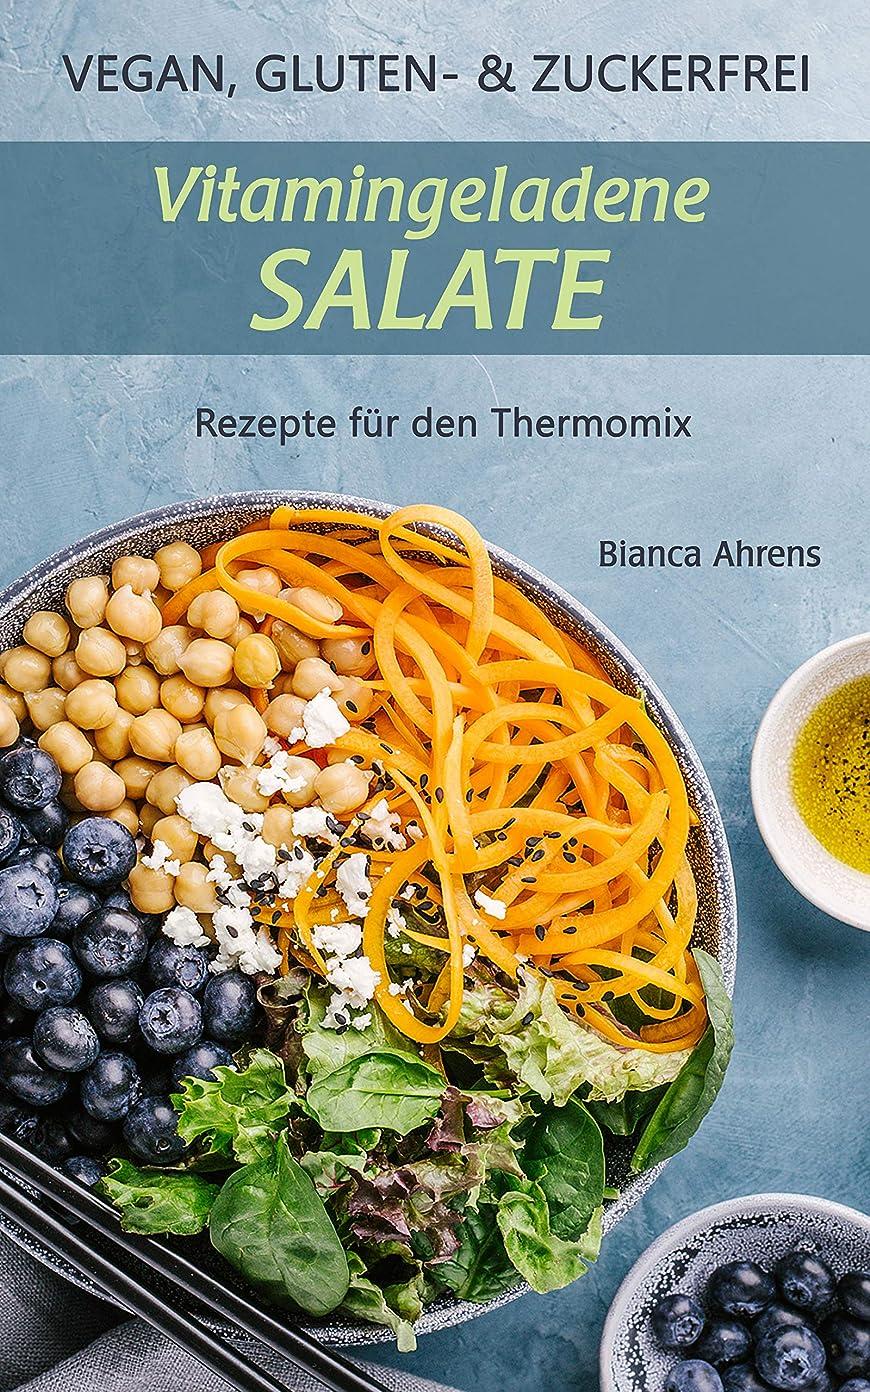 Vegan, Gluten- und Zuckerfrei: Vitamingeladene Salate | Rezepte für den Thermomix (German Edition)